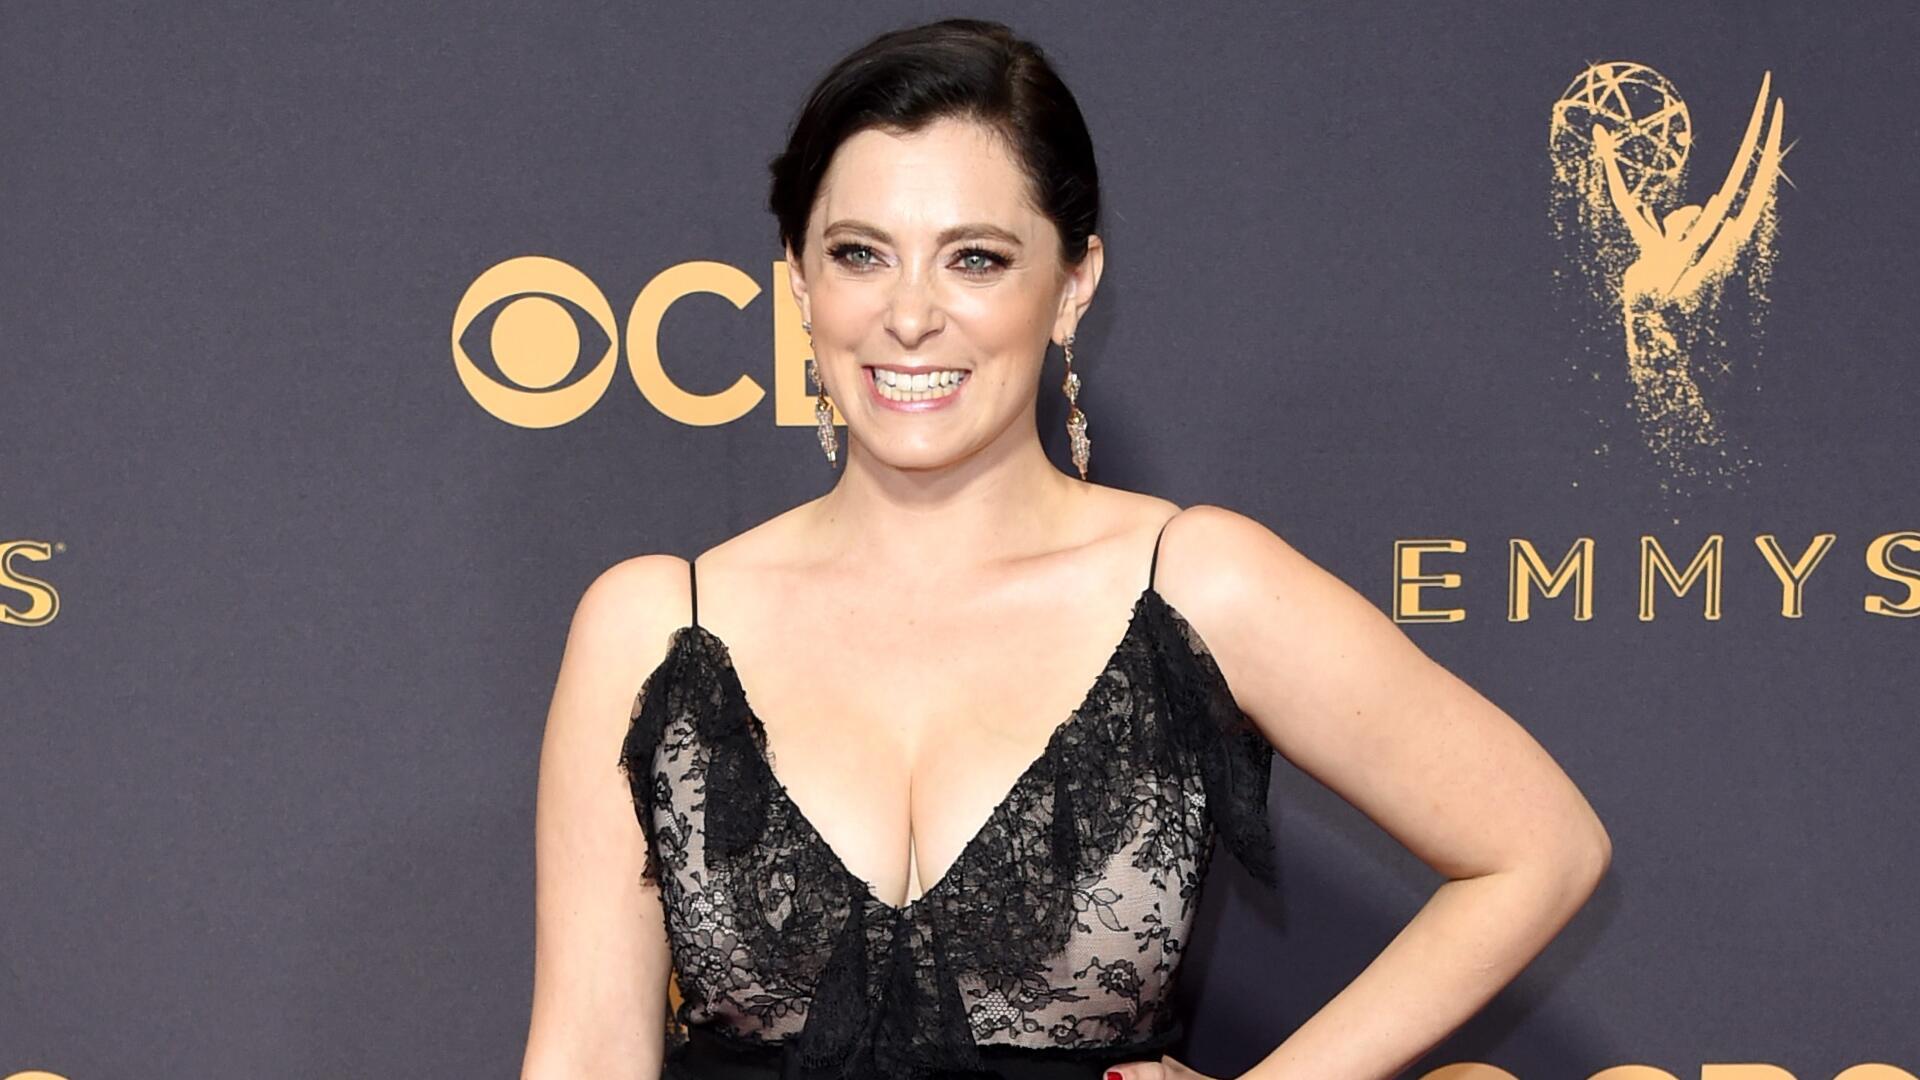 Bild zu Star-Schauspielerin Rachel Bloom kaufte sich ihr Kleid für die Emmy Awards selbst